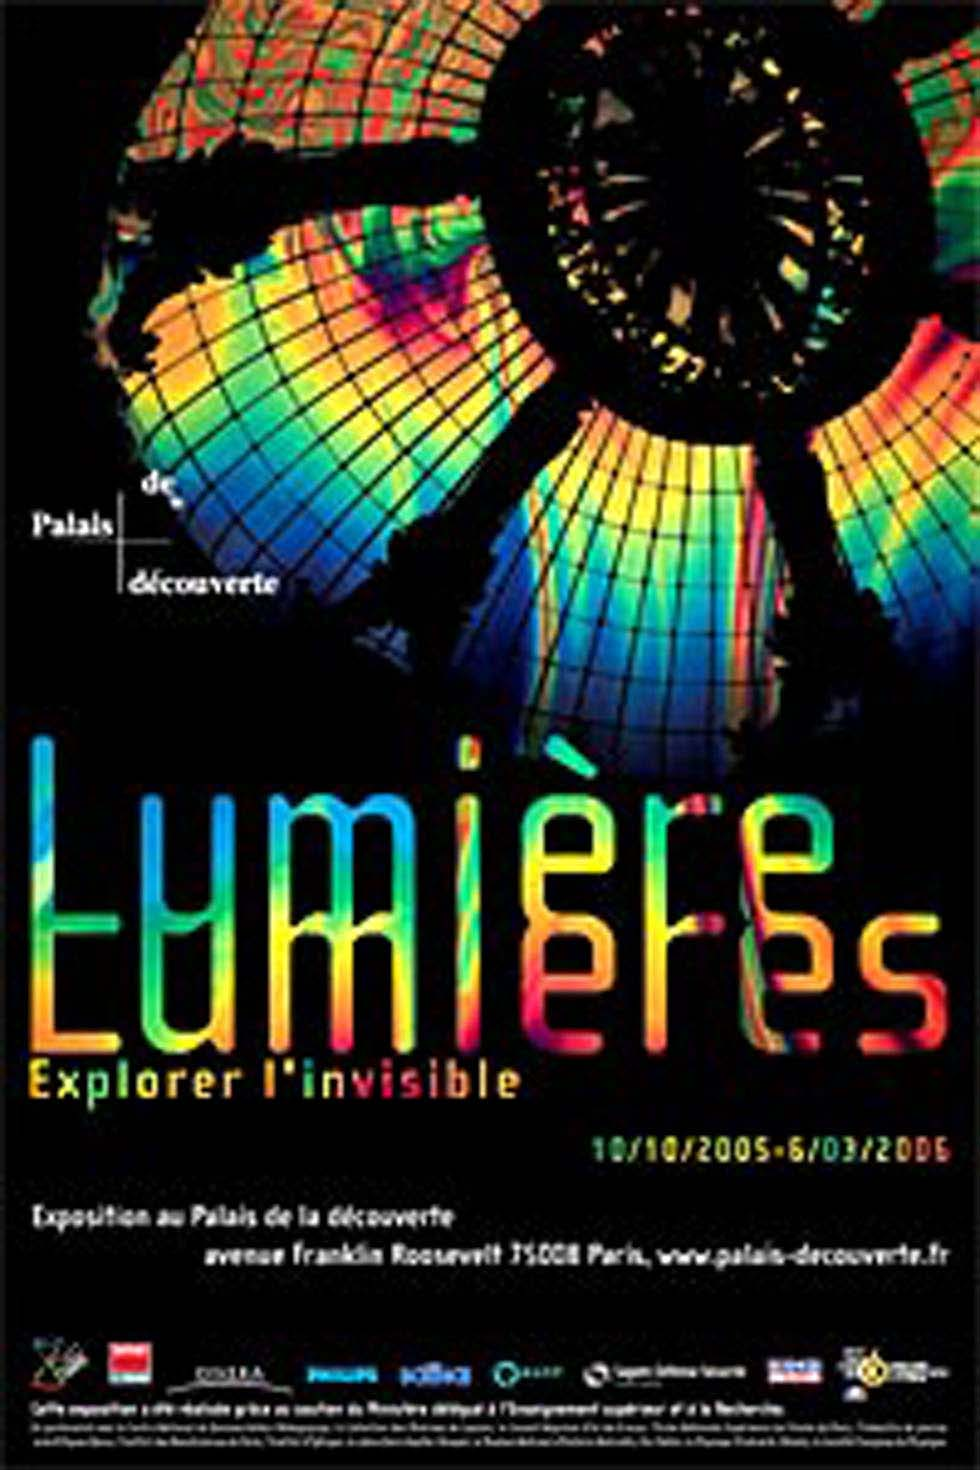 2005 : Lumière Lumières - Explorer l'invisible(ouverture du diaporama)